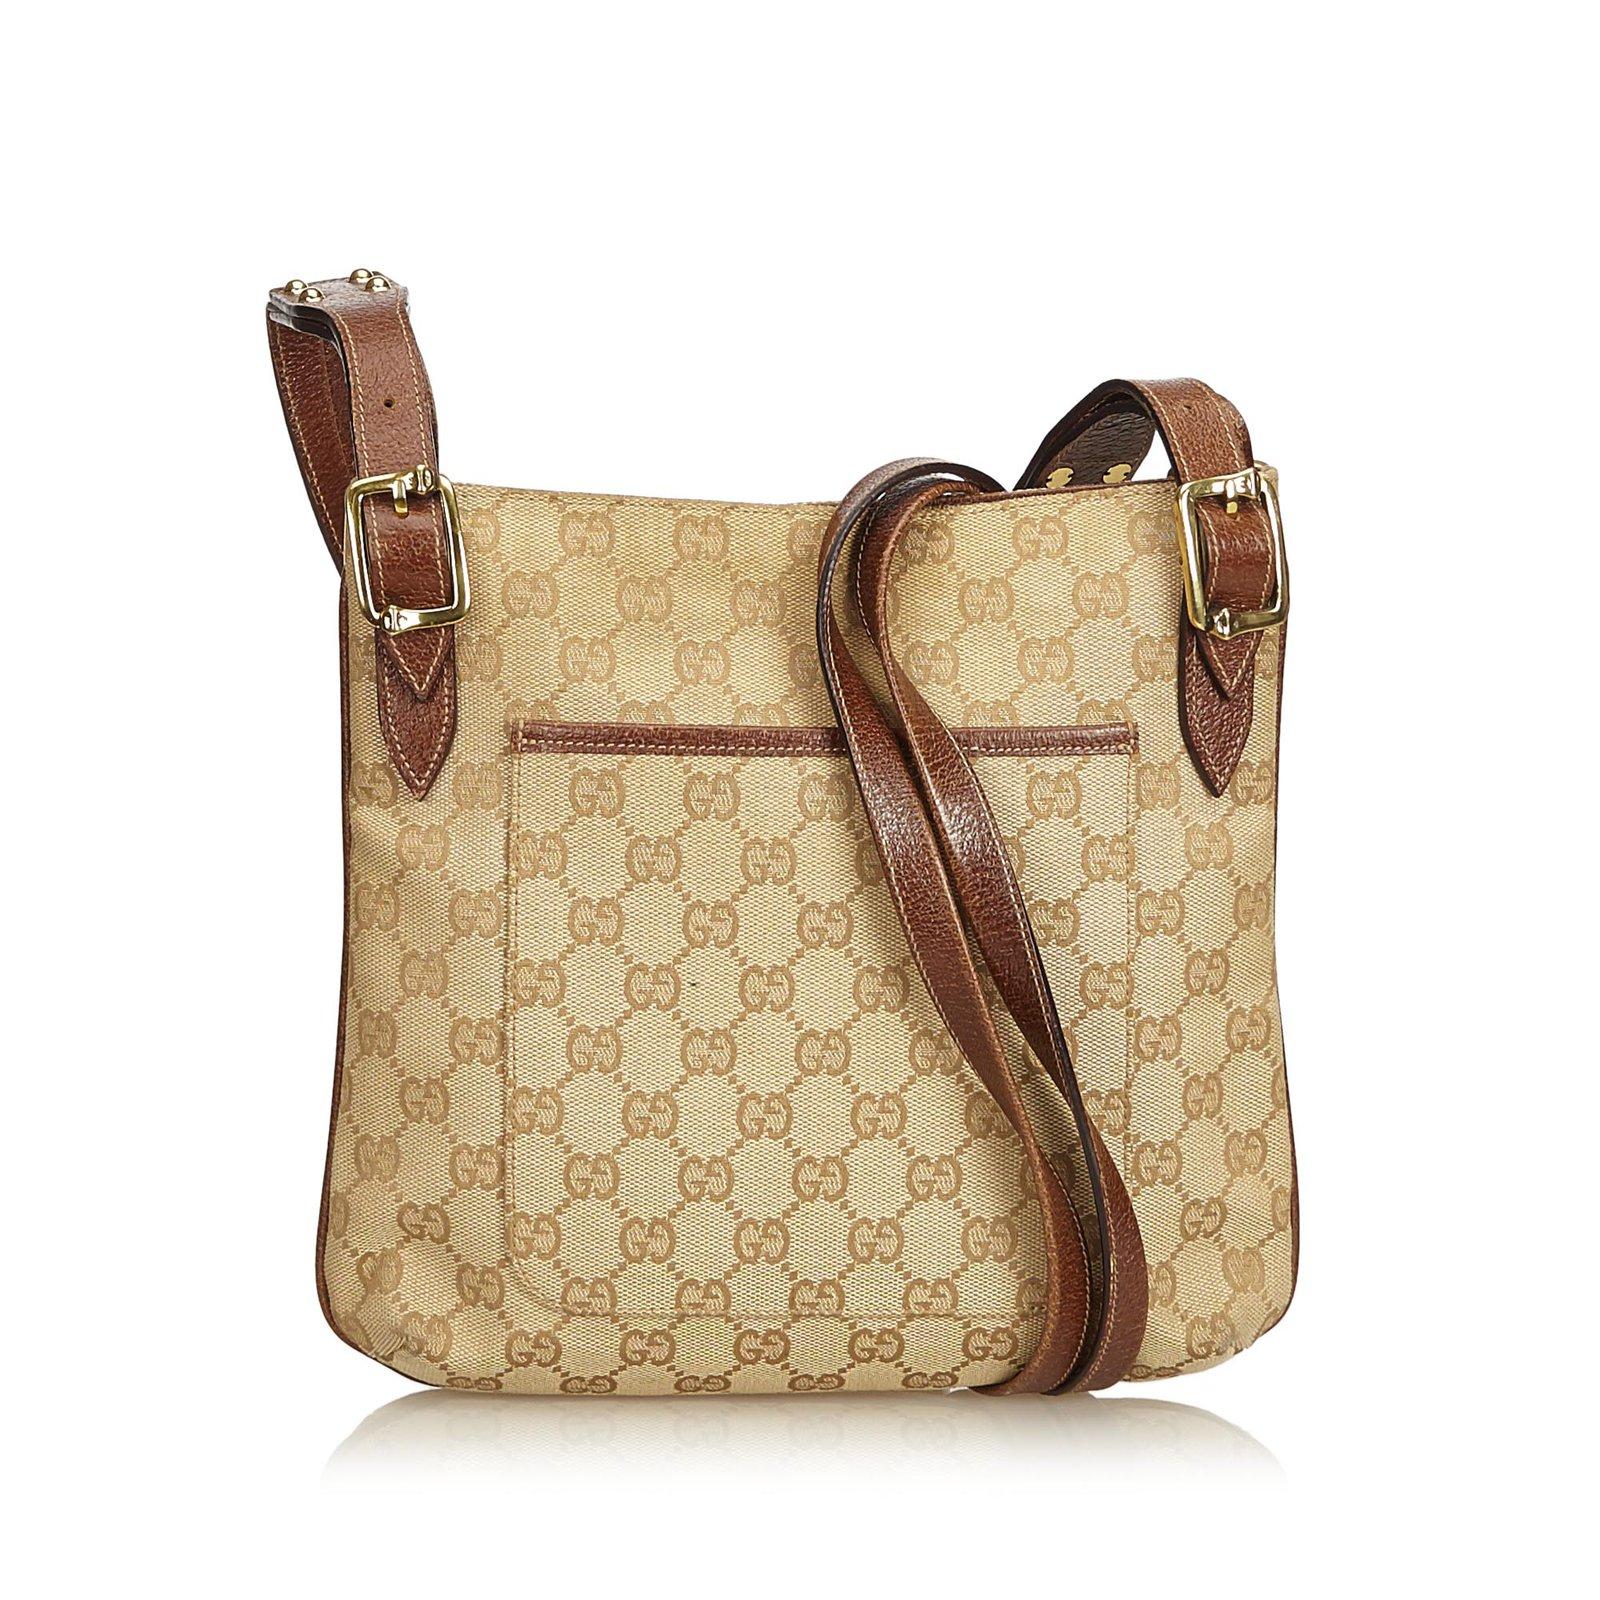 Sacs à main Gucci Guccissima Sac bandoulière Jacquard Cuir,Autre,Tissu  Marron,Beige 502ec9fd525